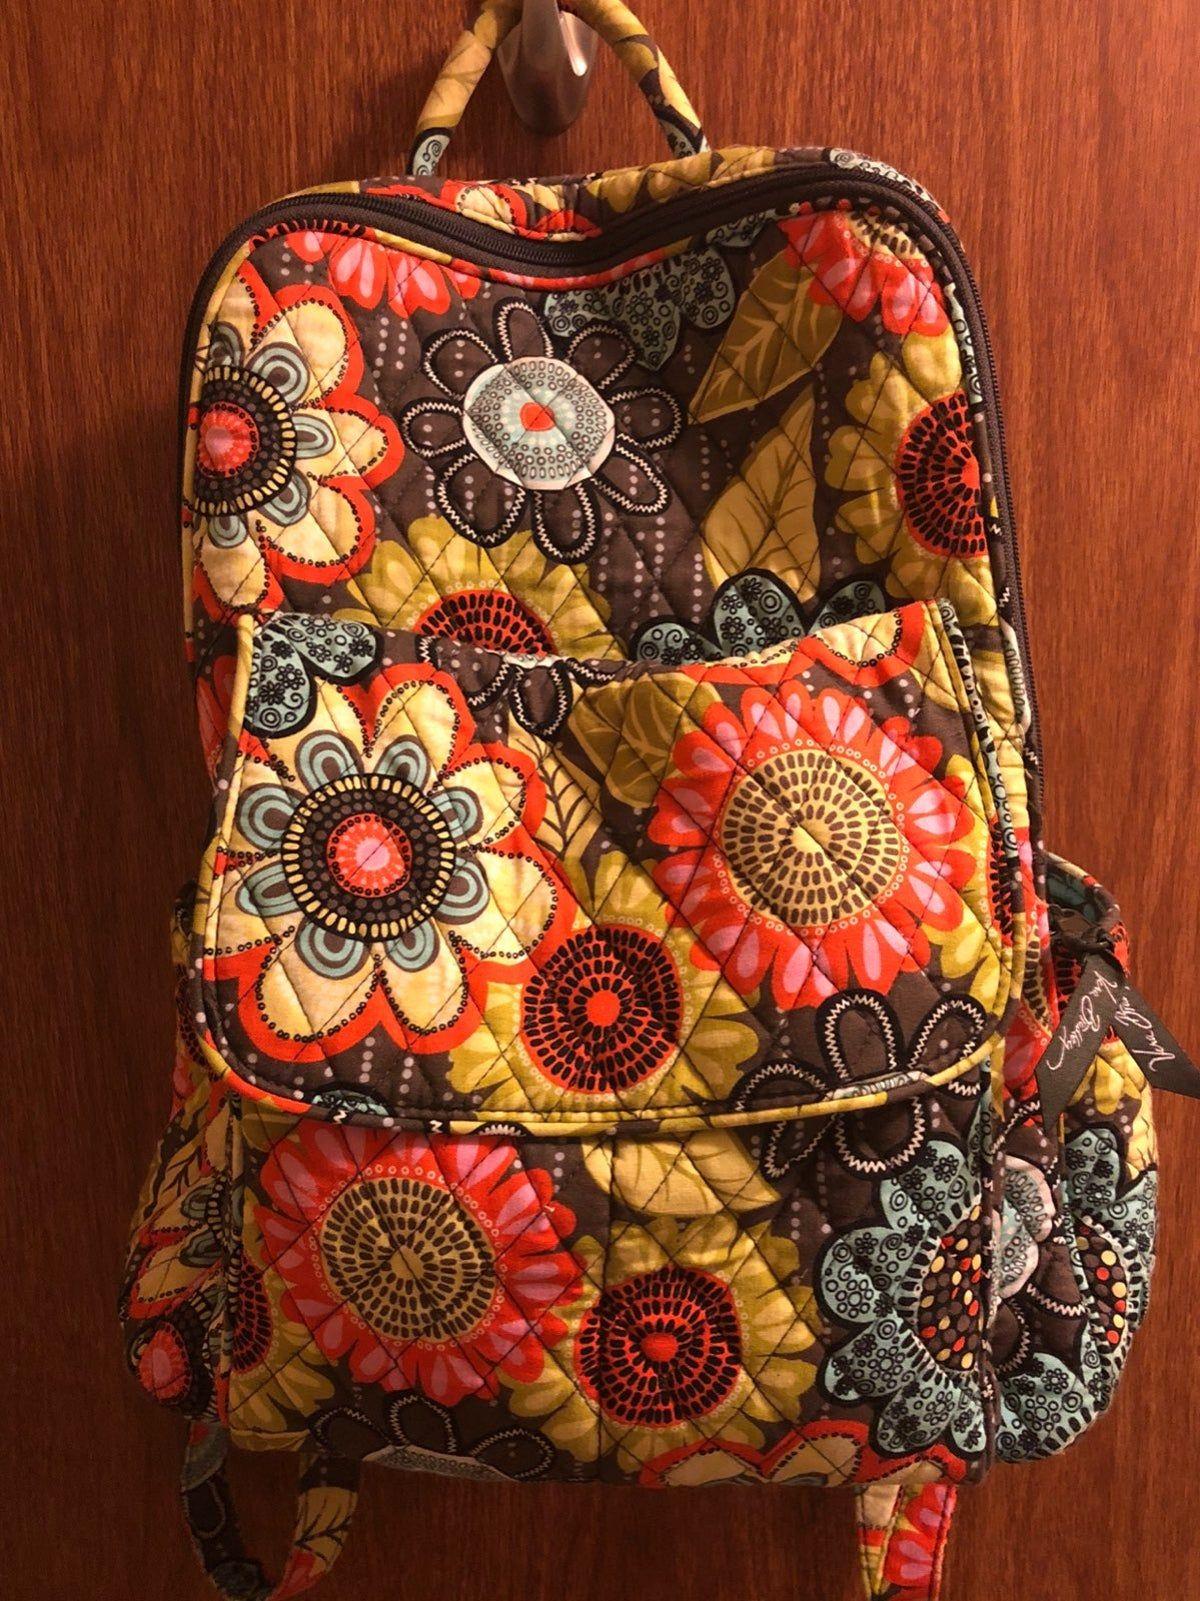 Vera bradley backpack image by Antonio Espinoza on Purses